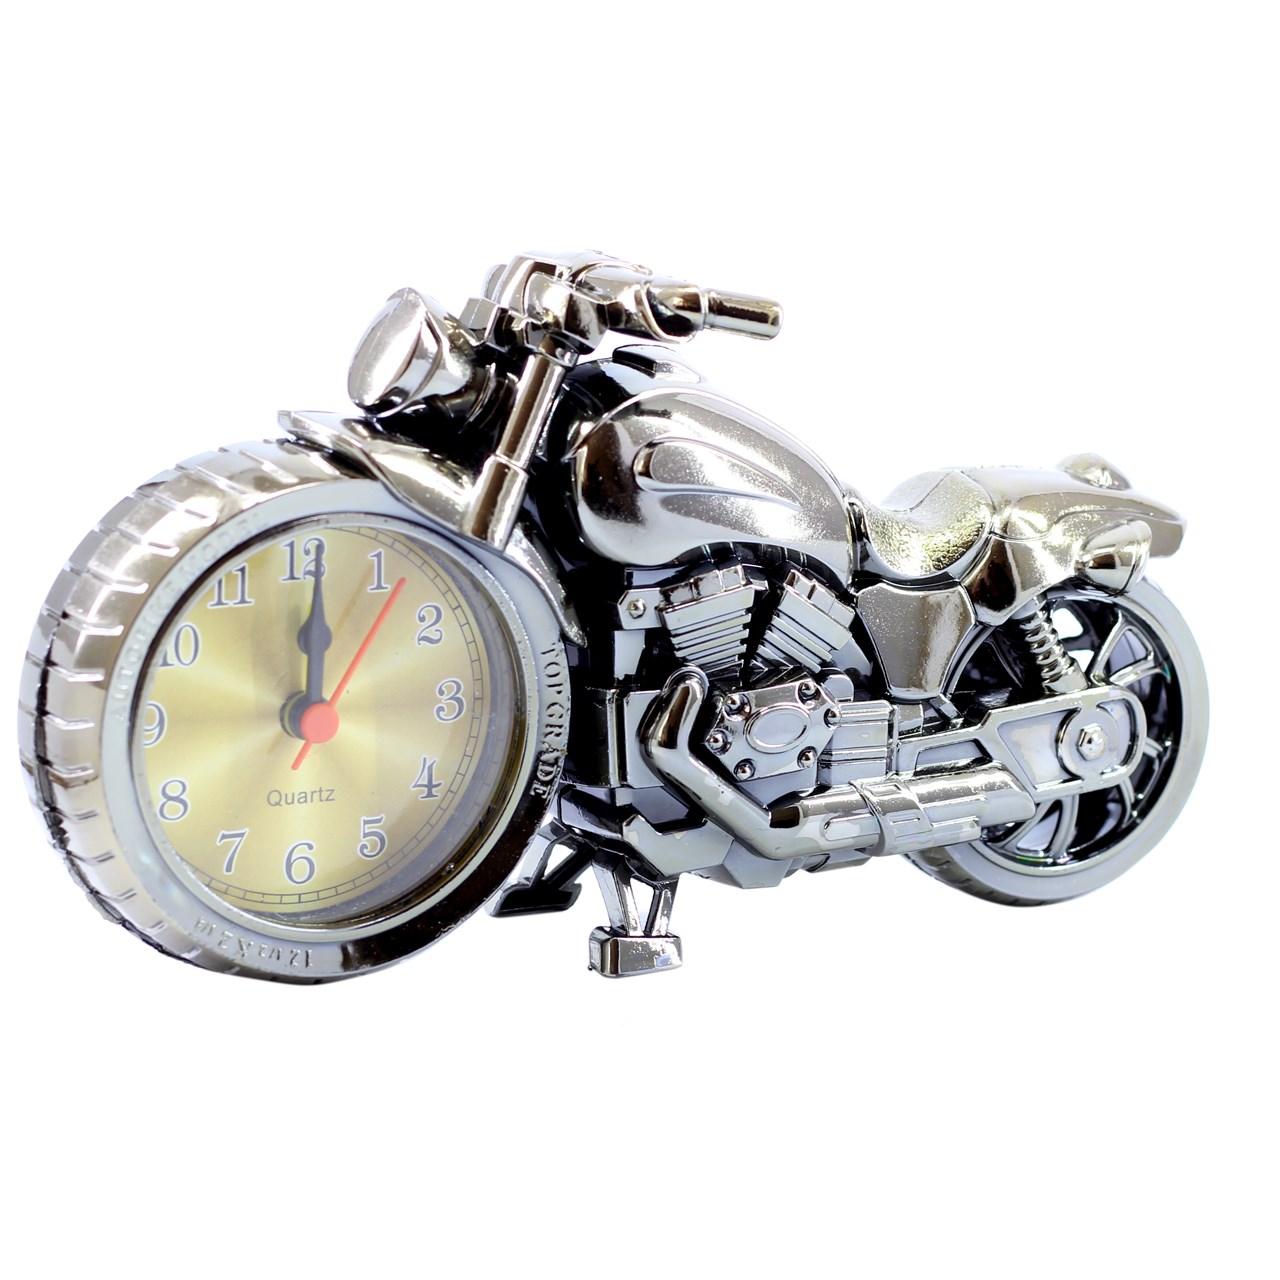 خرید ساعت رومیزی ان پی مدل T303